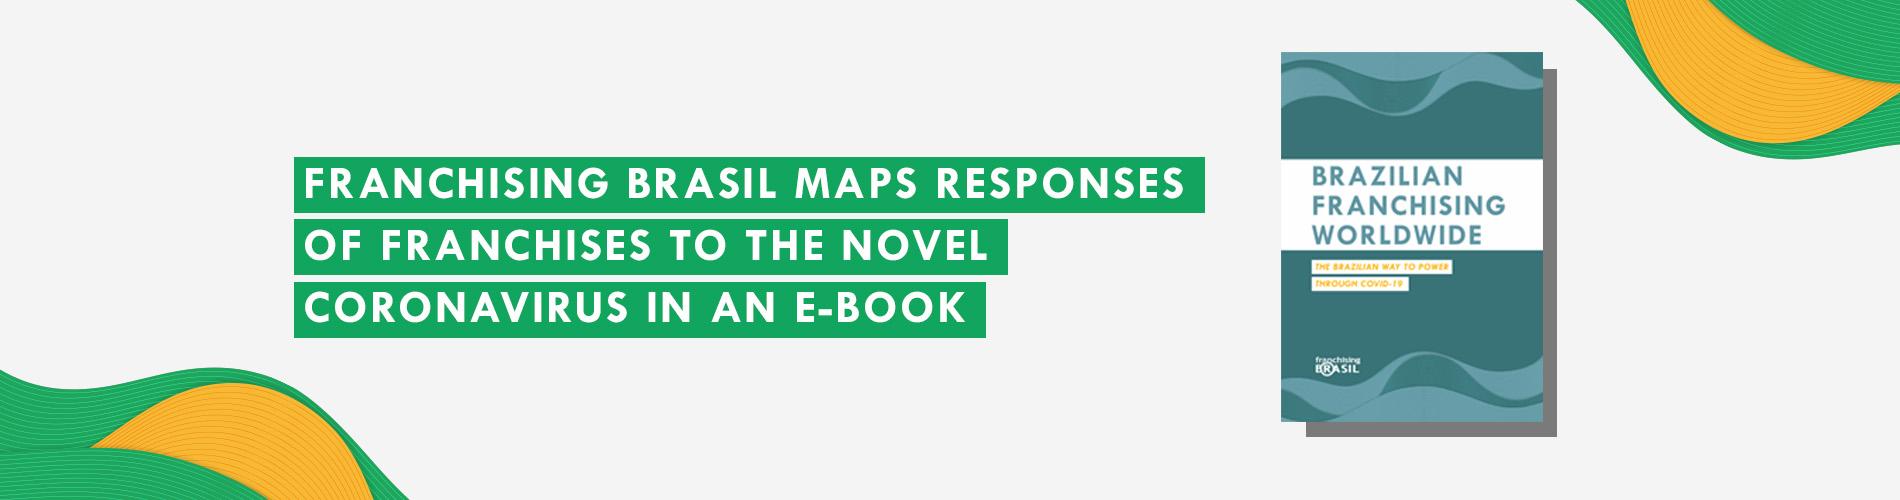 Franchising Brasil maps responses of franchises to the novel coronavirus in an e-book